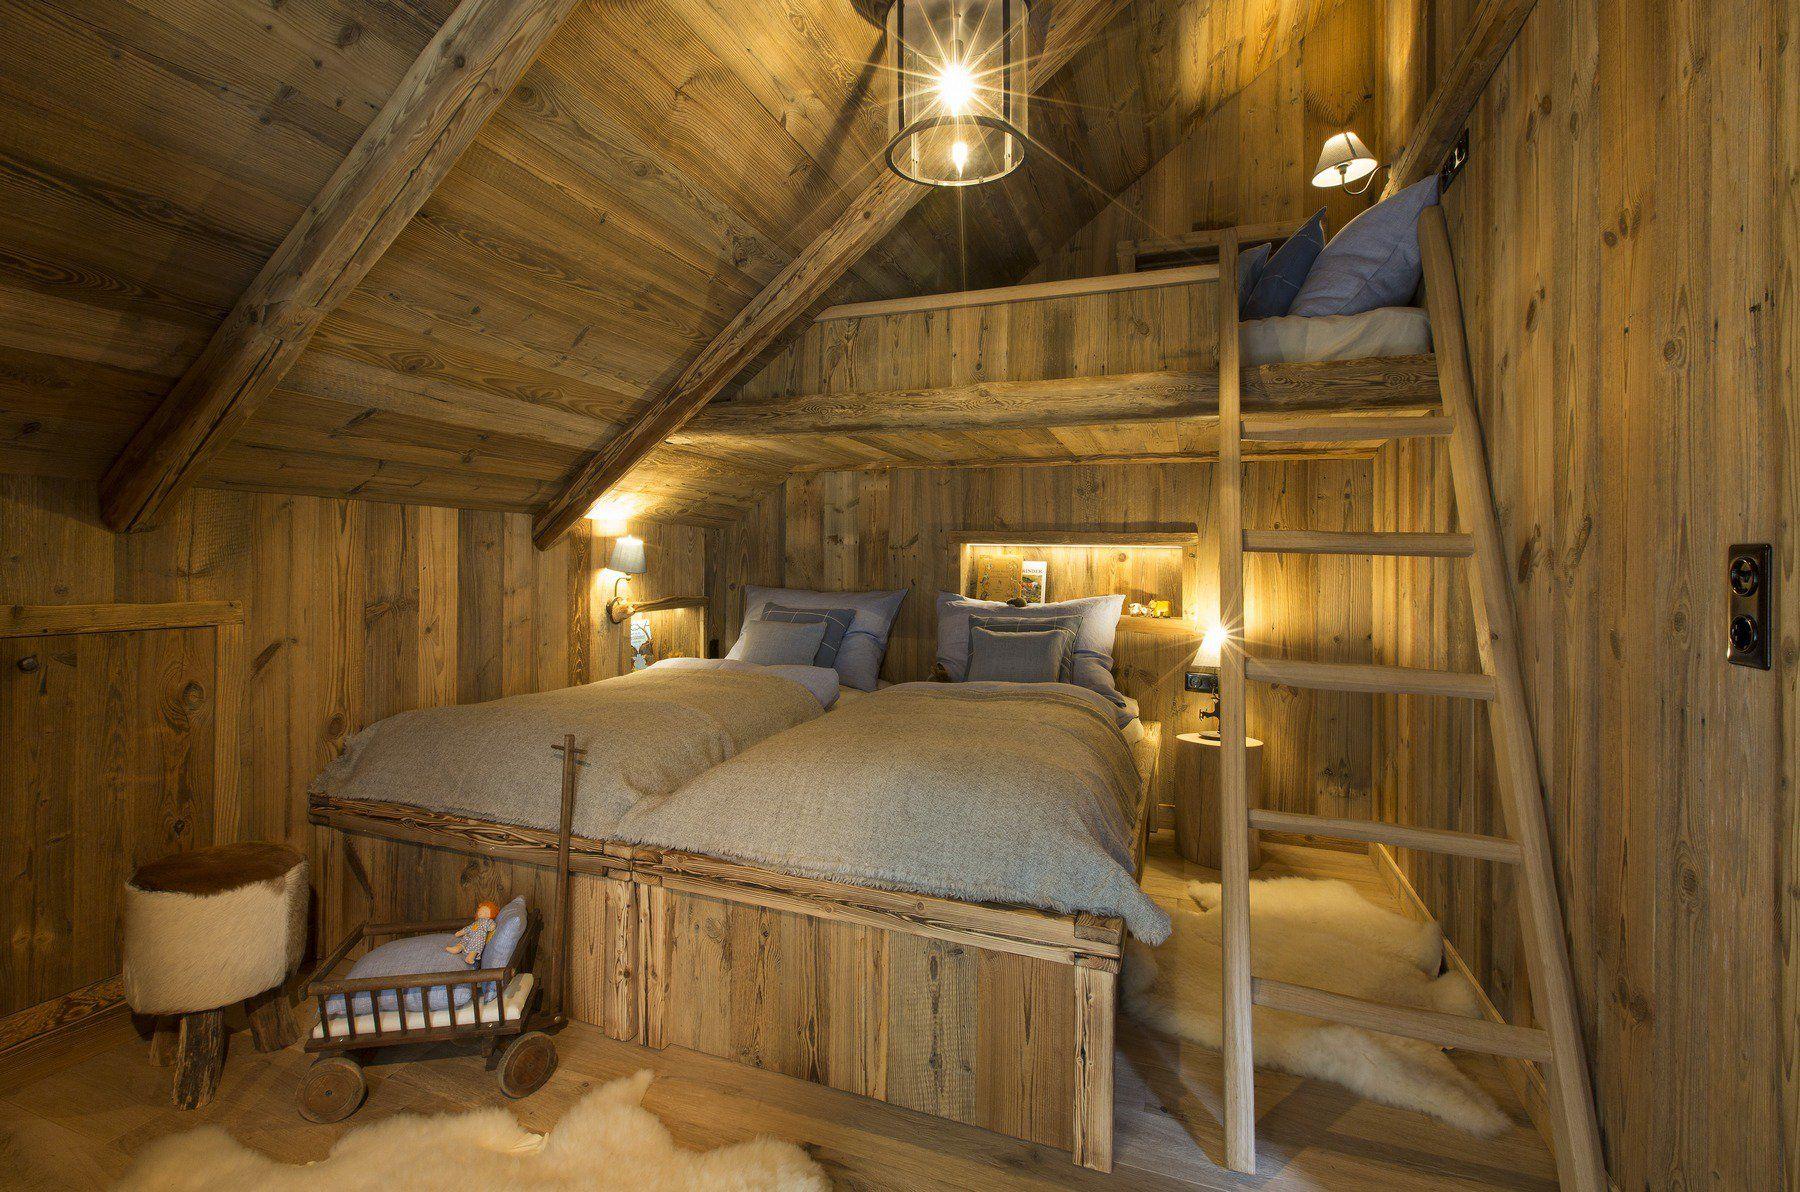 Tiroler Landhausstil Möbel Voglauer Gebrauchtmöbel Landhausmöbel